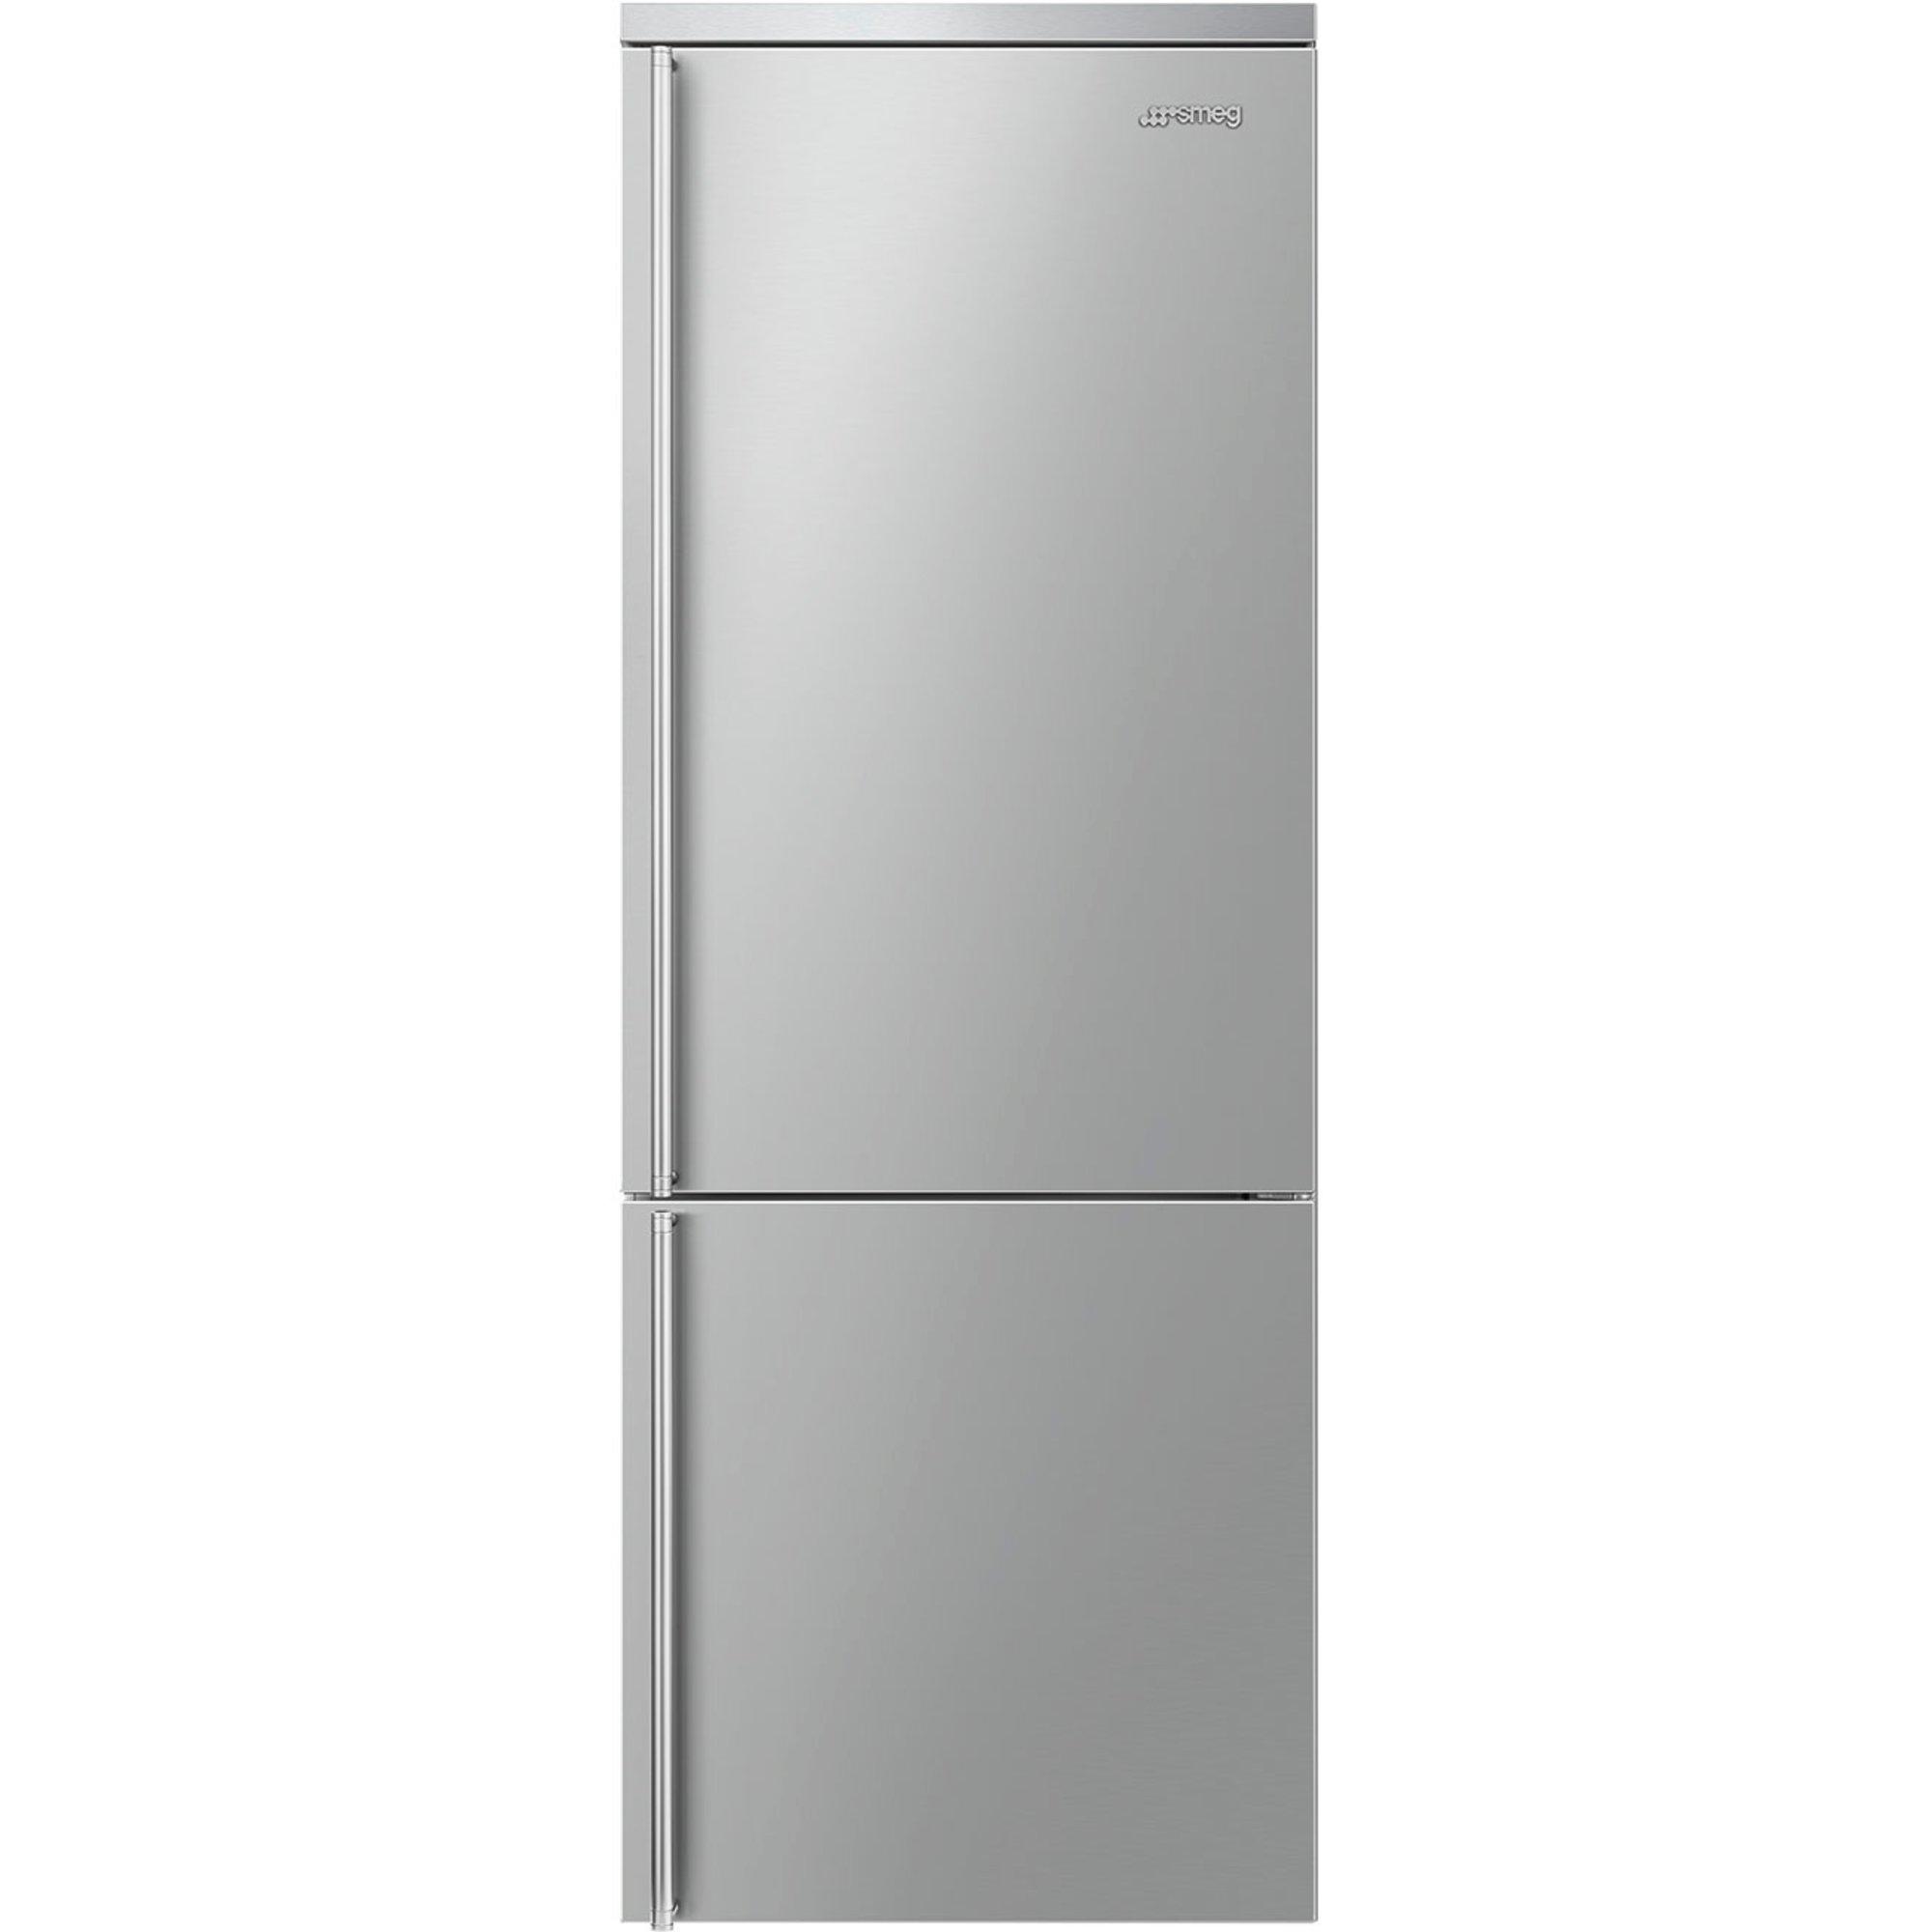 Smeg FA3905RX5 køle-/fryseskab rustfrit stål, højrehængt